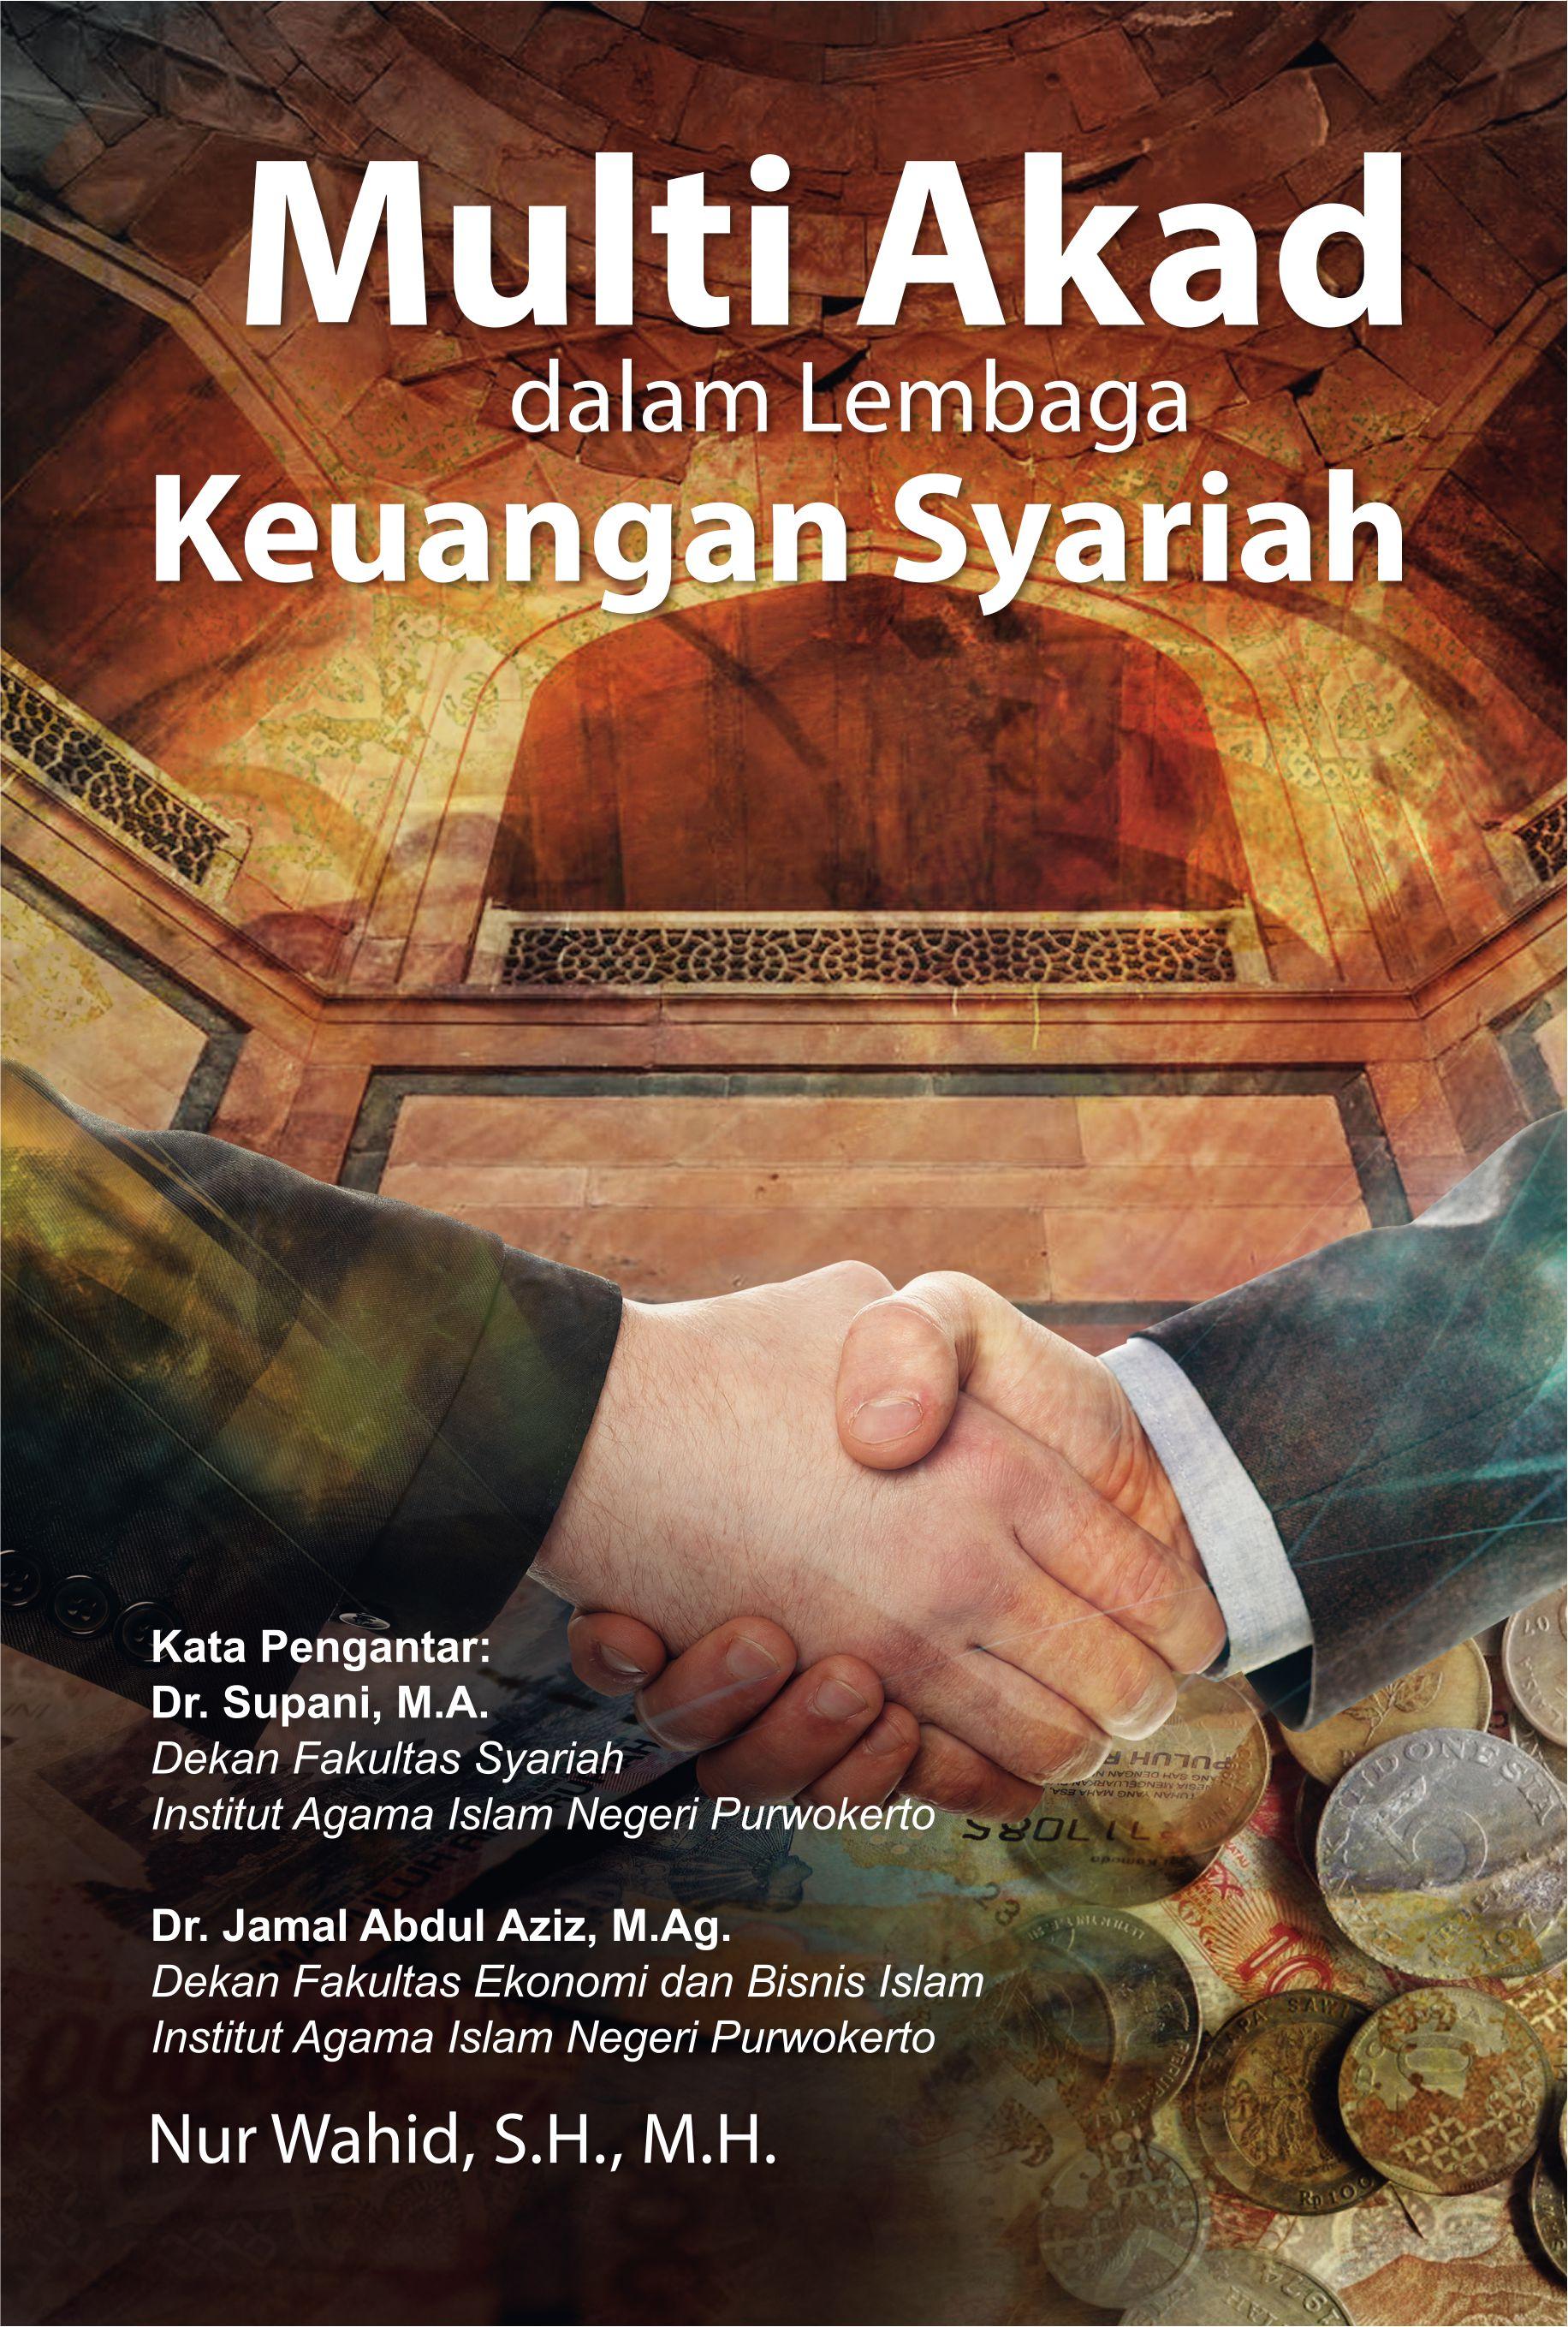 Multi akad dalam lembaga keuangan syariah [sumber elektronis]